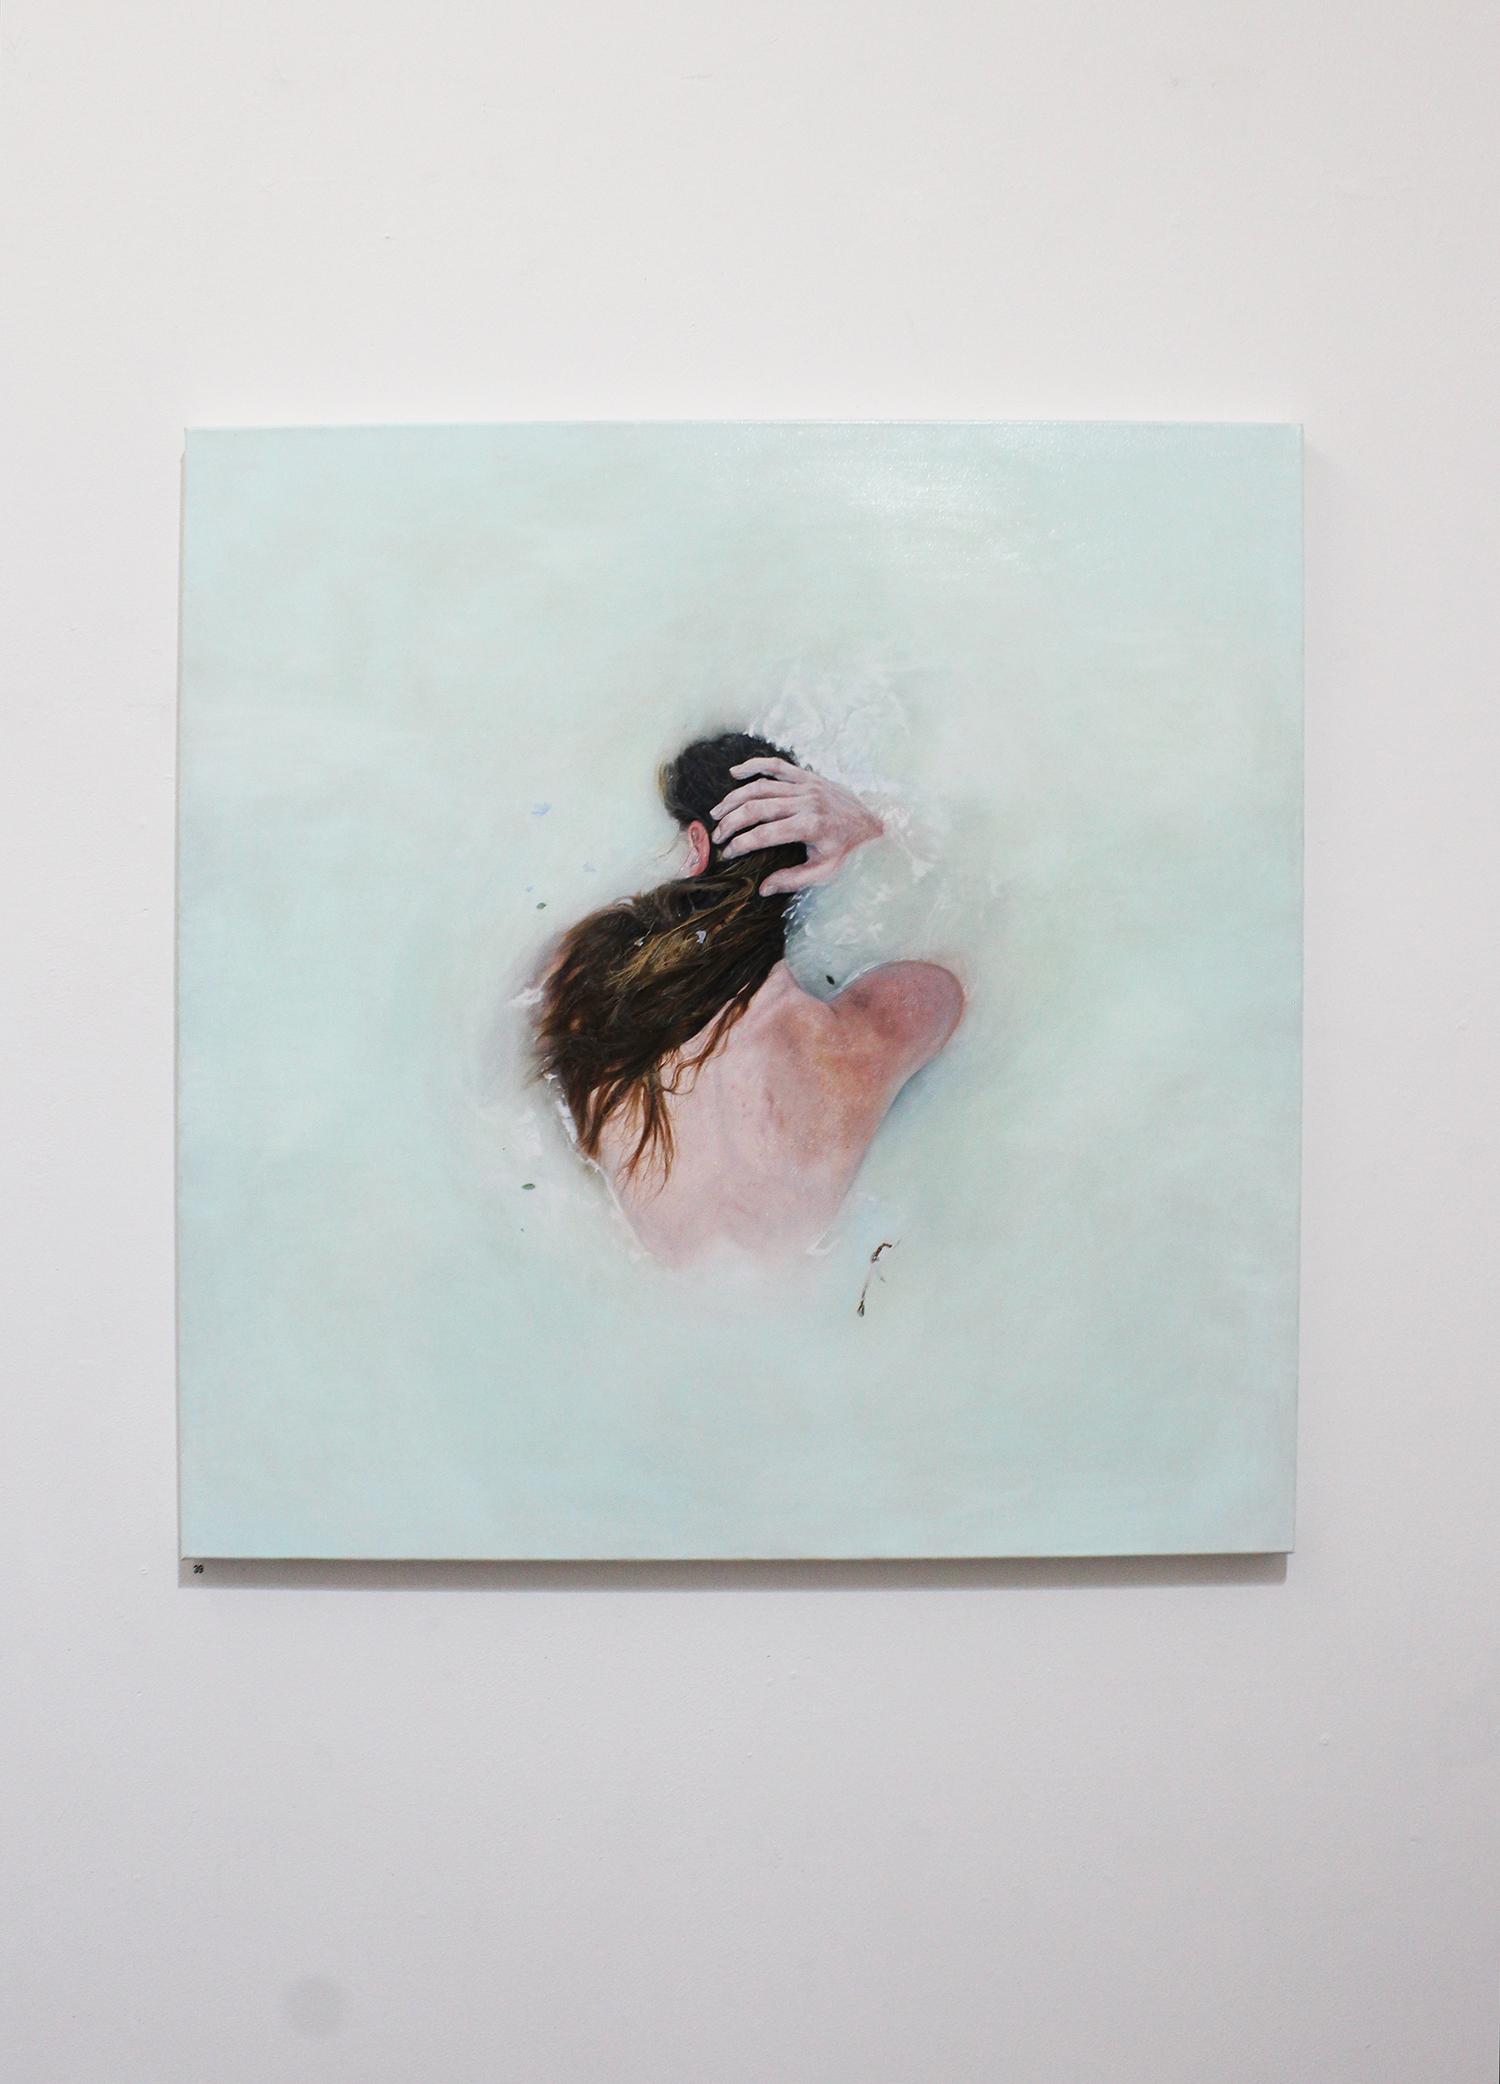 'Submerge', Pippa Hale-Lynch, oil on canvas, 120x120cm $5450